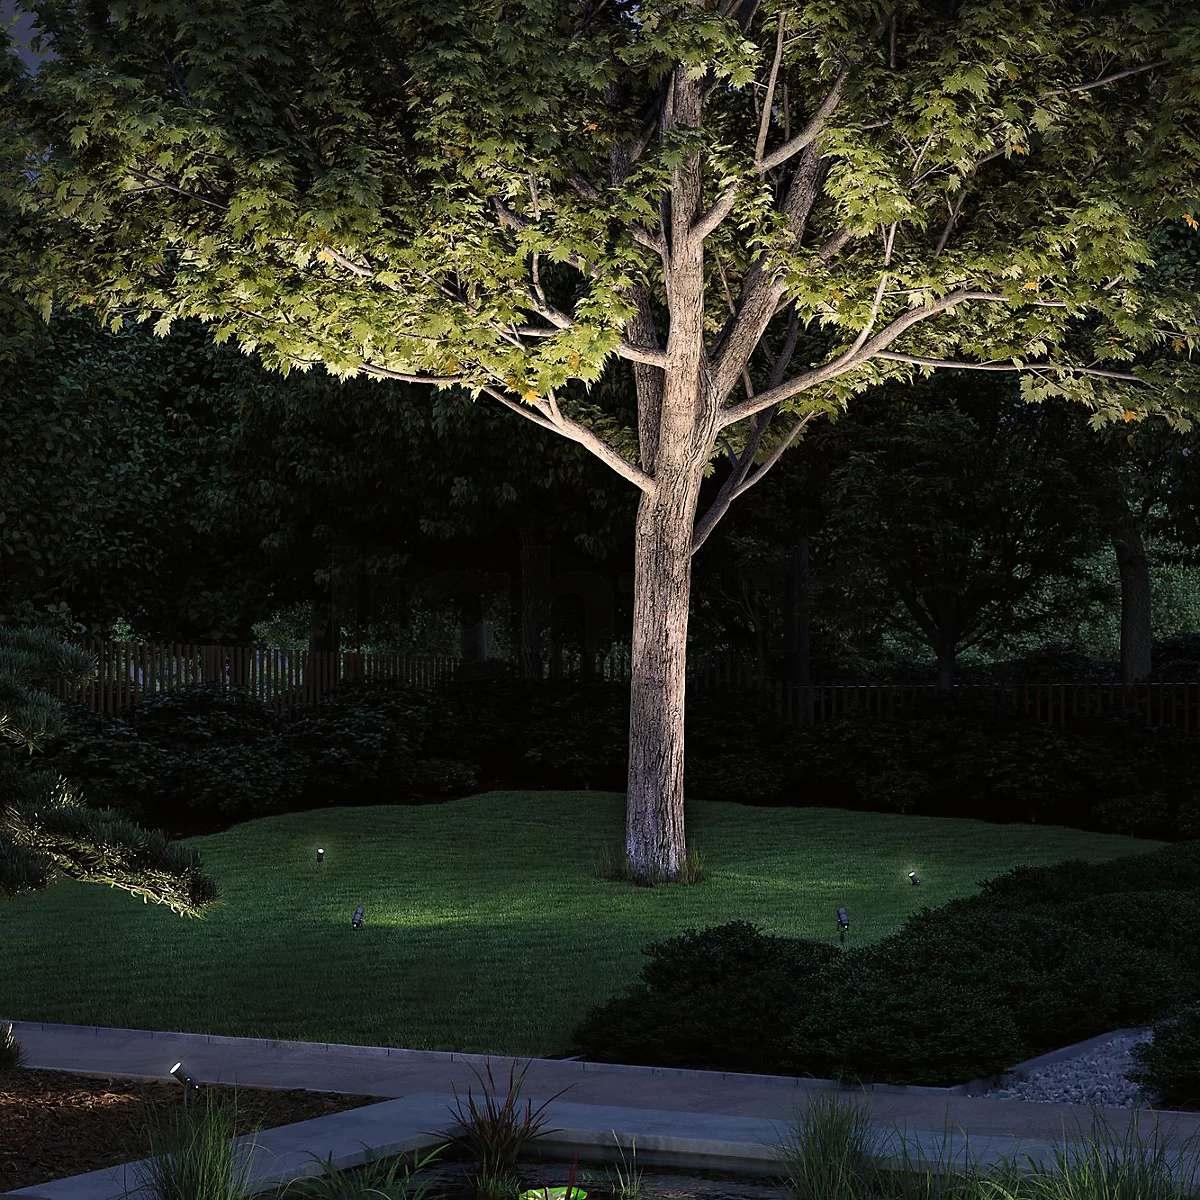 Erikülgedest valgusatud puu - Paulmann Plug & Shine Radon Ground Spike Spotlights LED